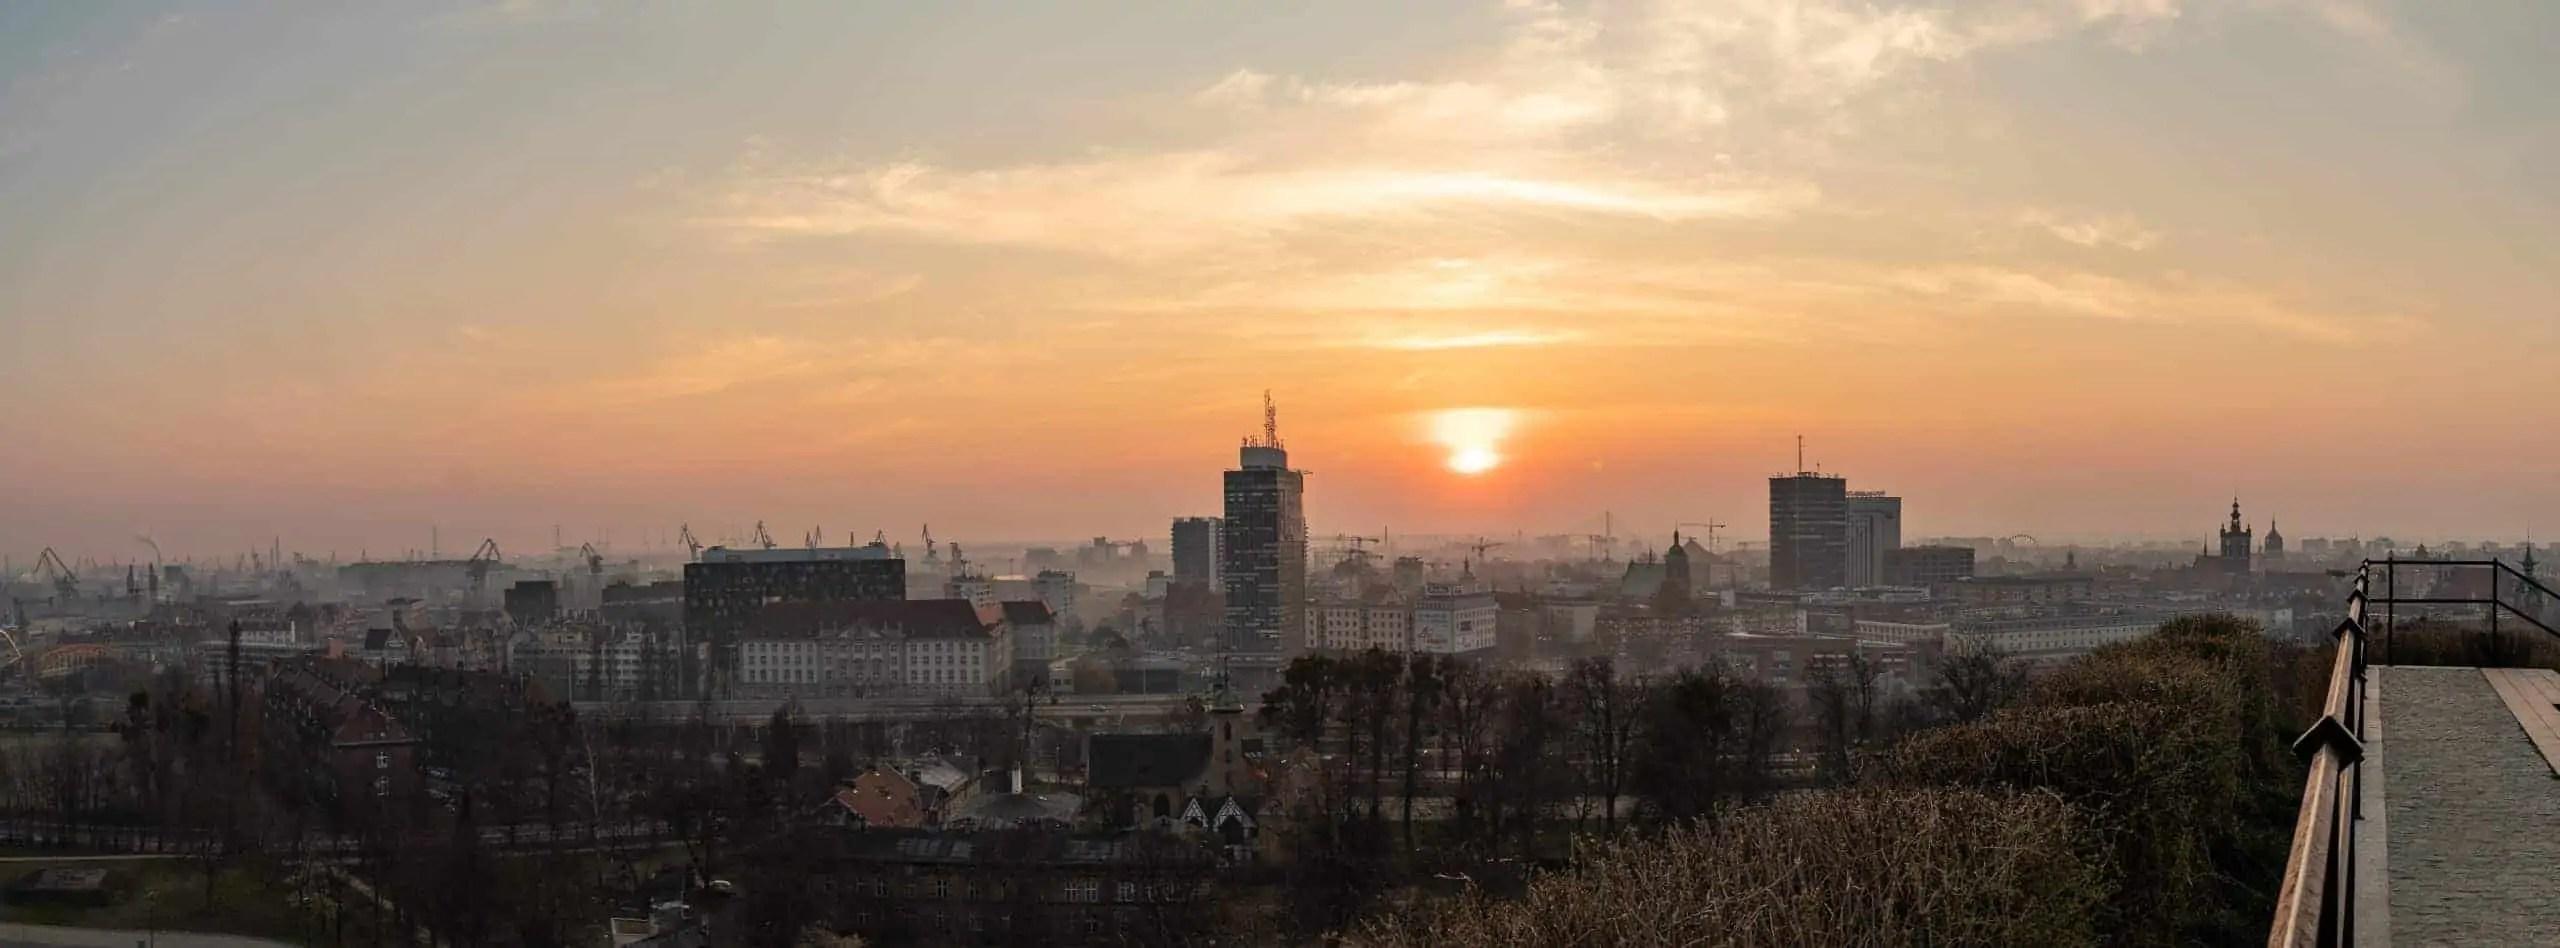 Gdansk oryginał Góra gradowa - Pastelowe presety do lightrooma - cała wiedza i ponad 7 filtrów